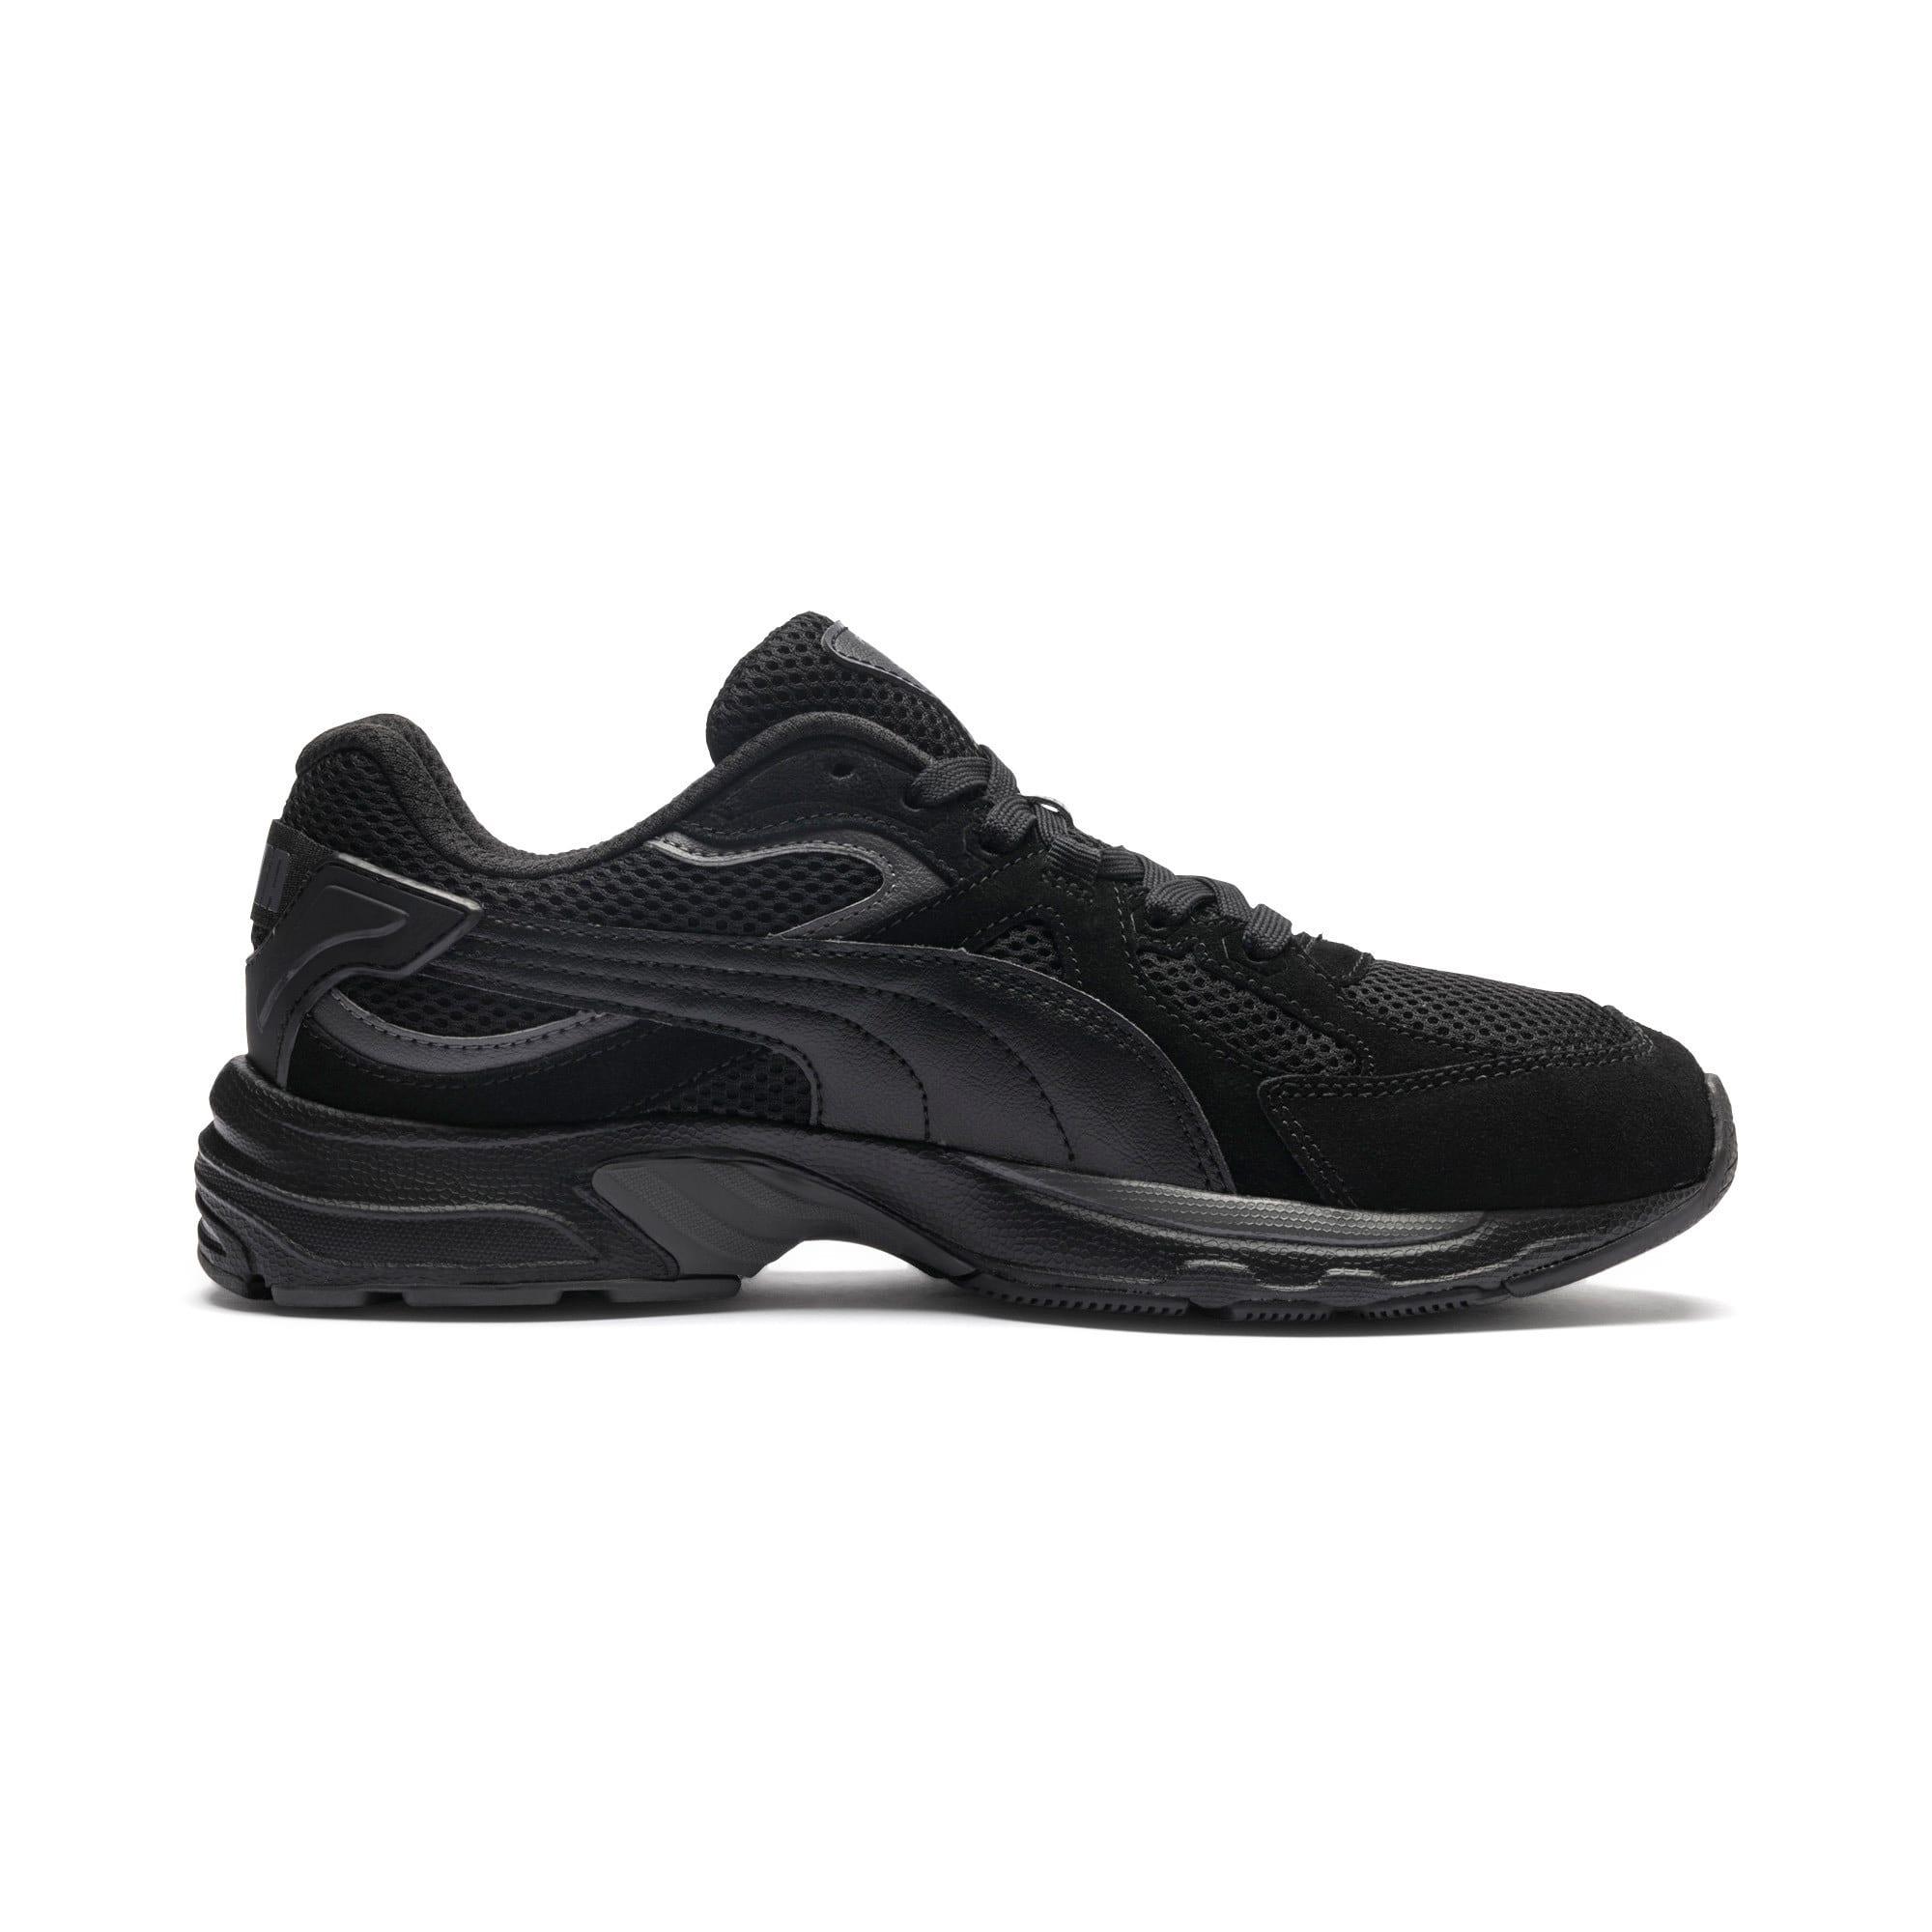 Miniatura 5 de Zapatos deportivos Axis Plus Suede, Black-Black-Asphalt, mediano